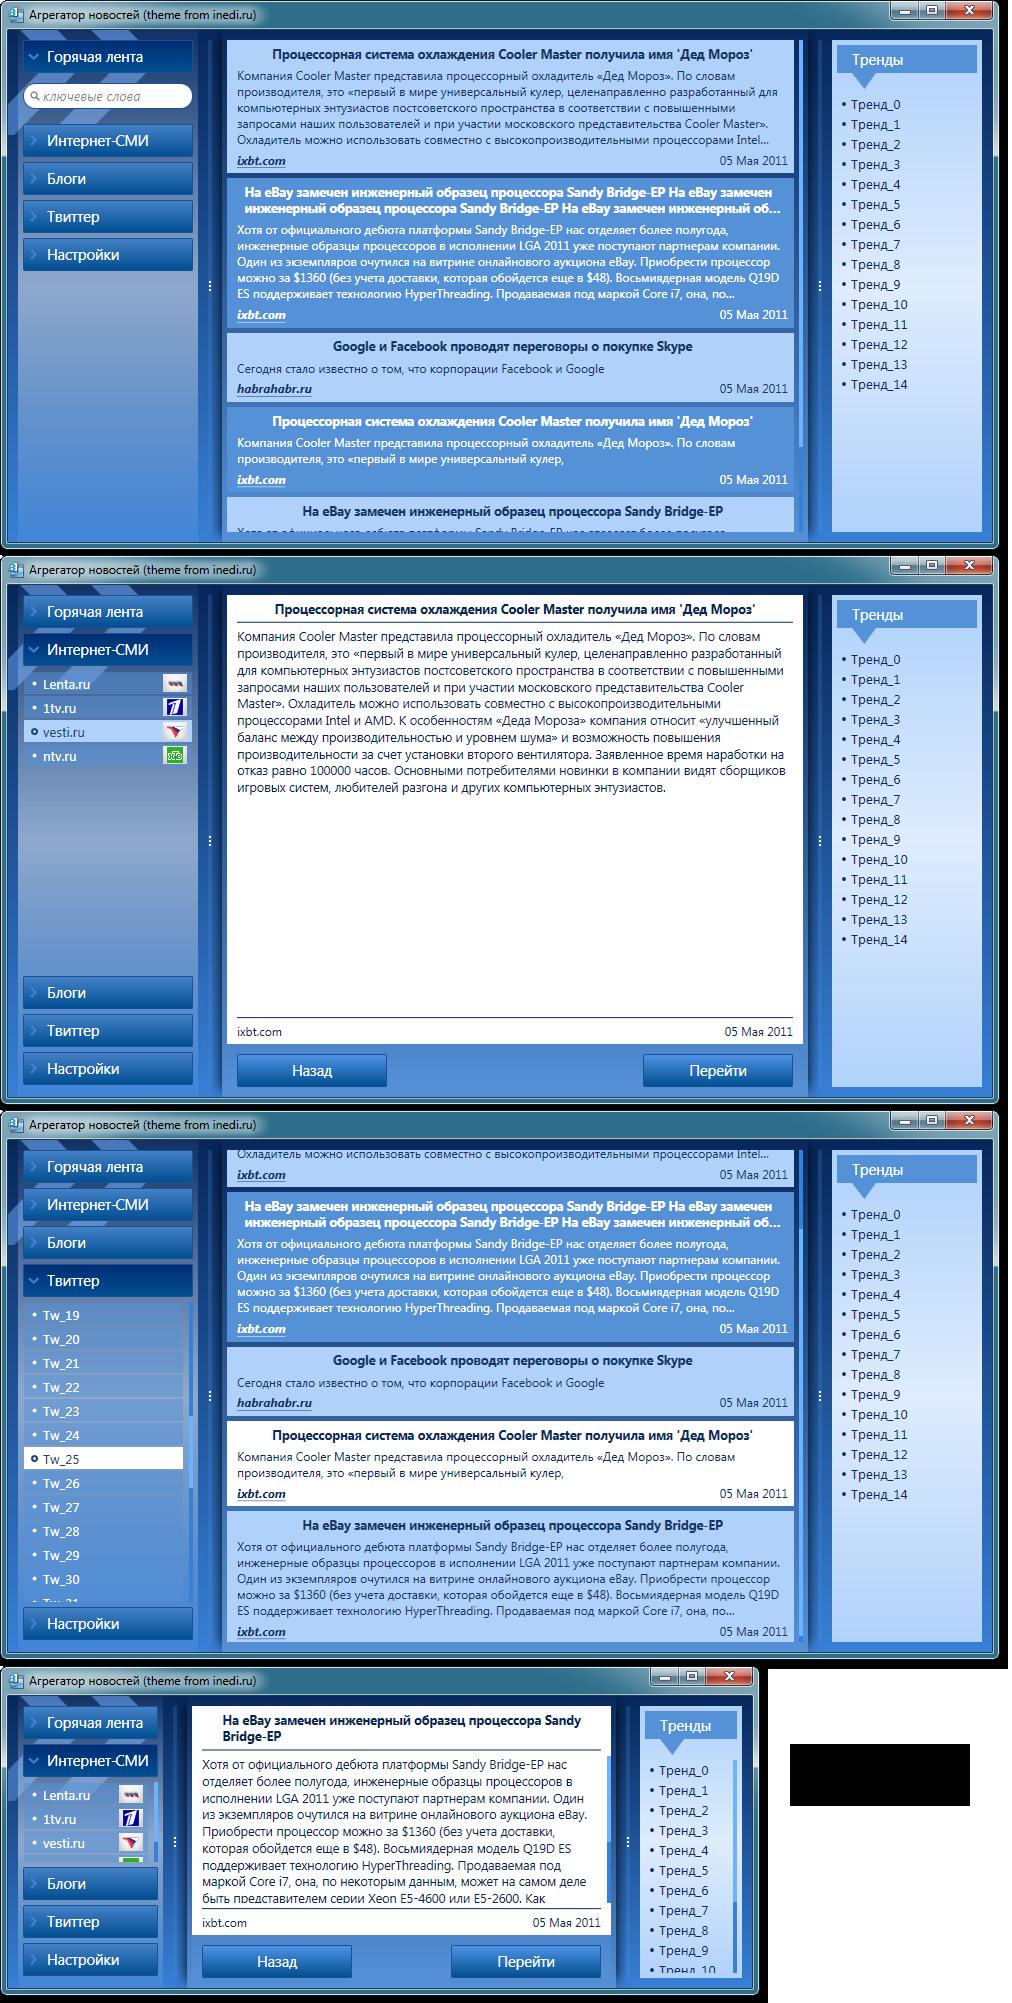 Агрегатор новостей | WPF